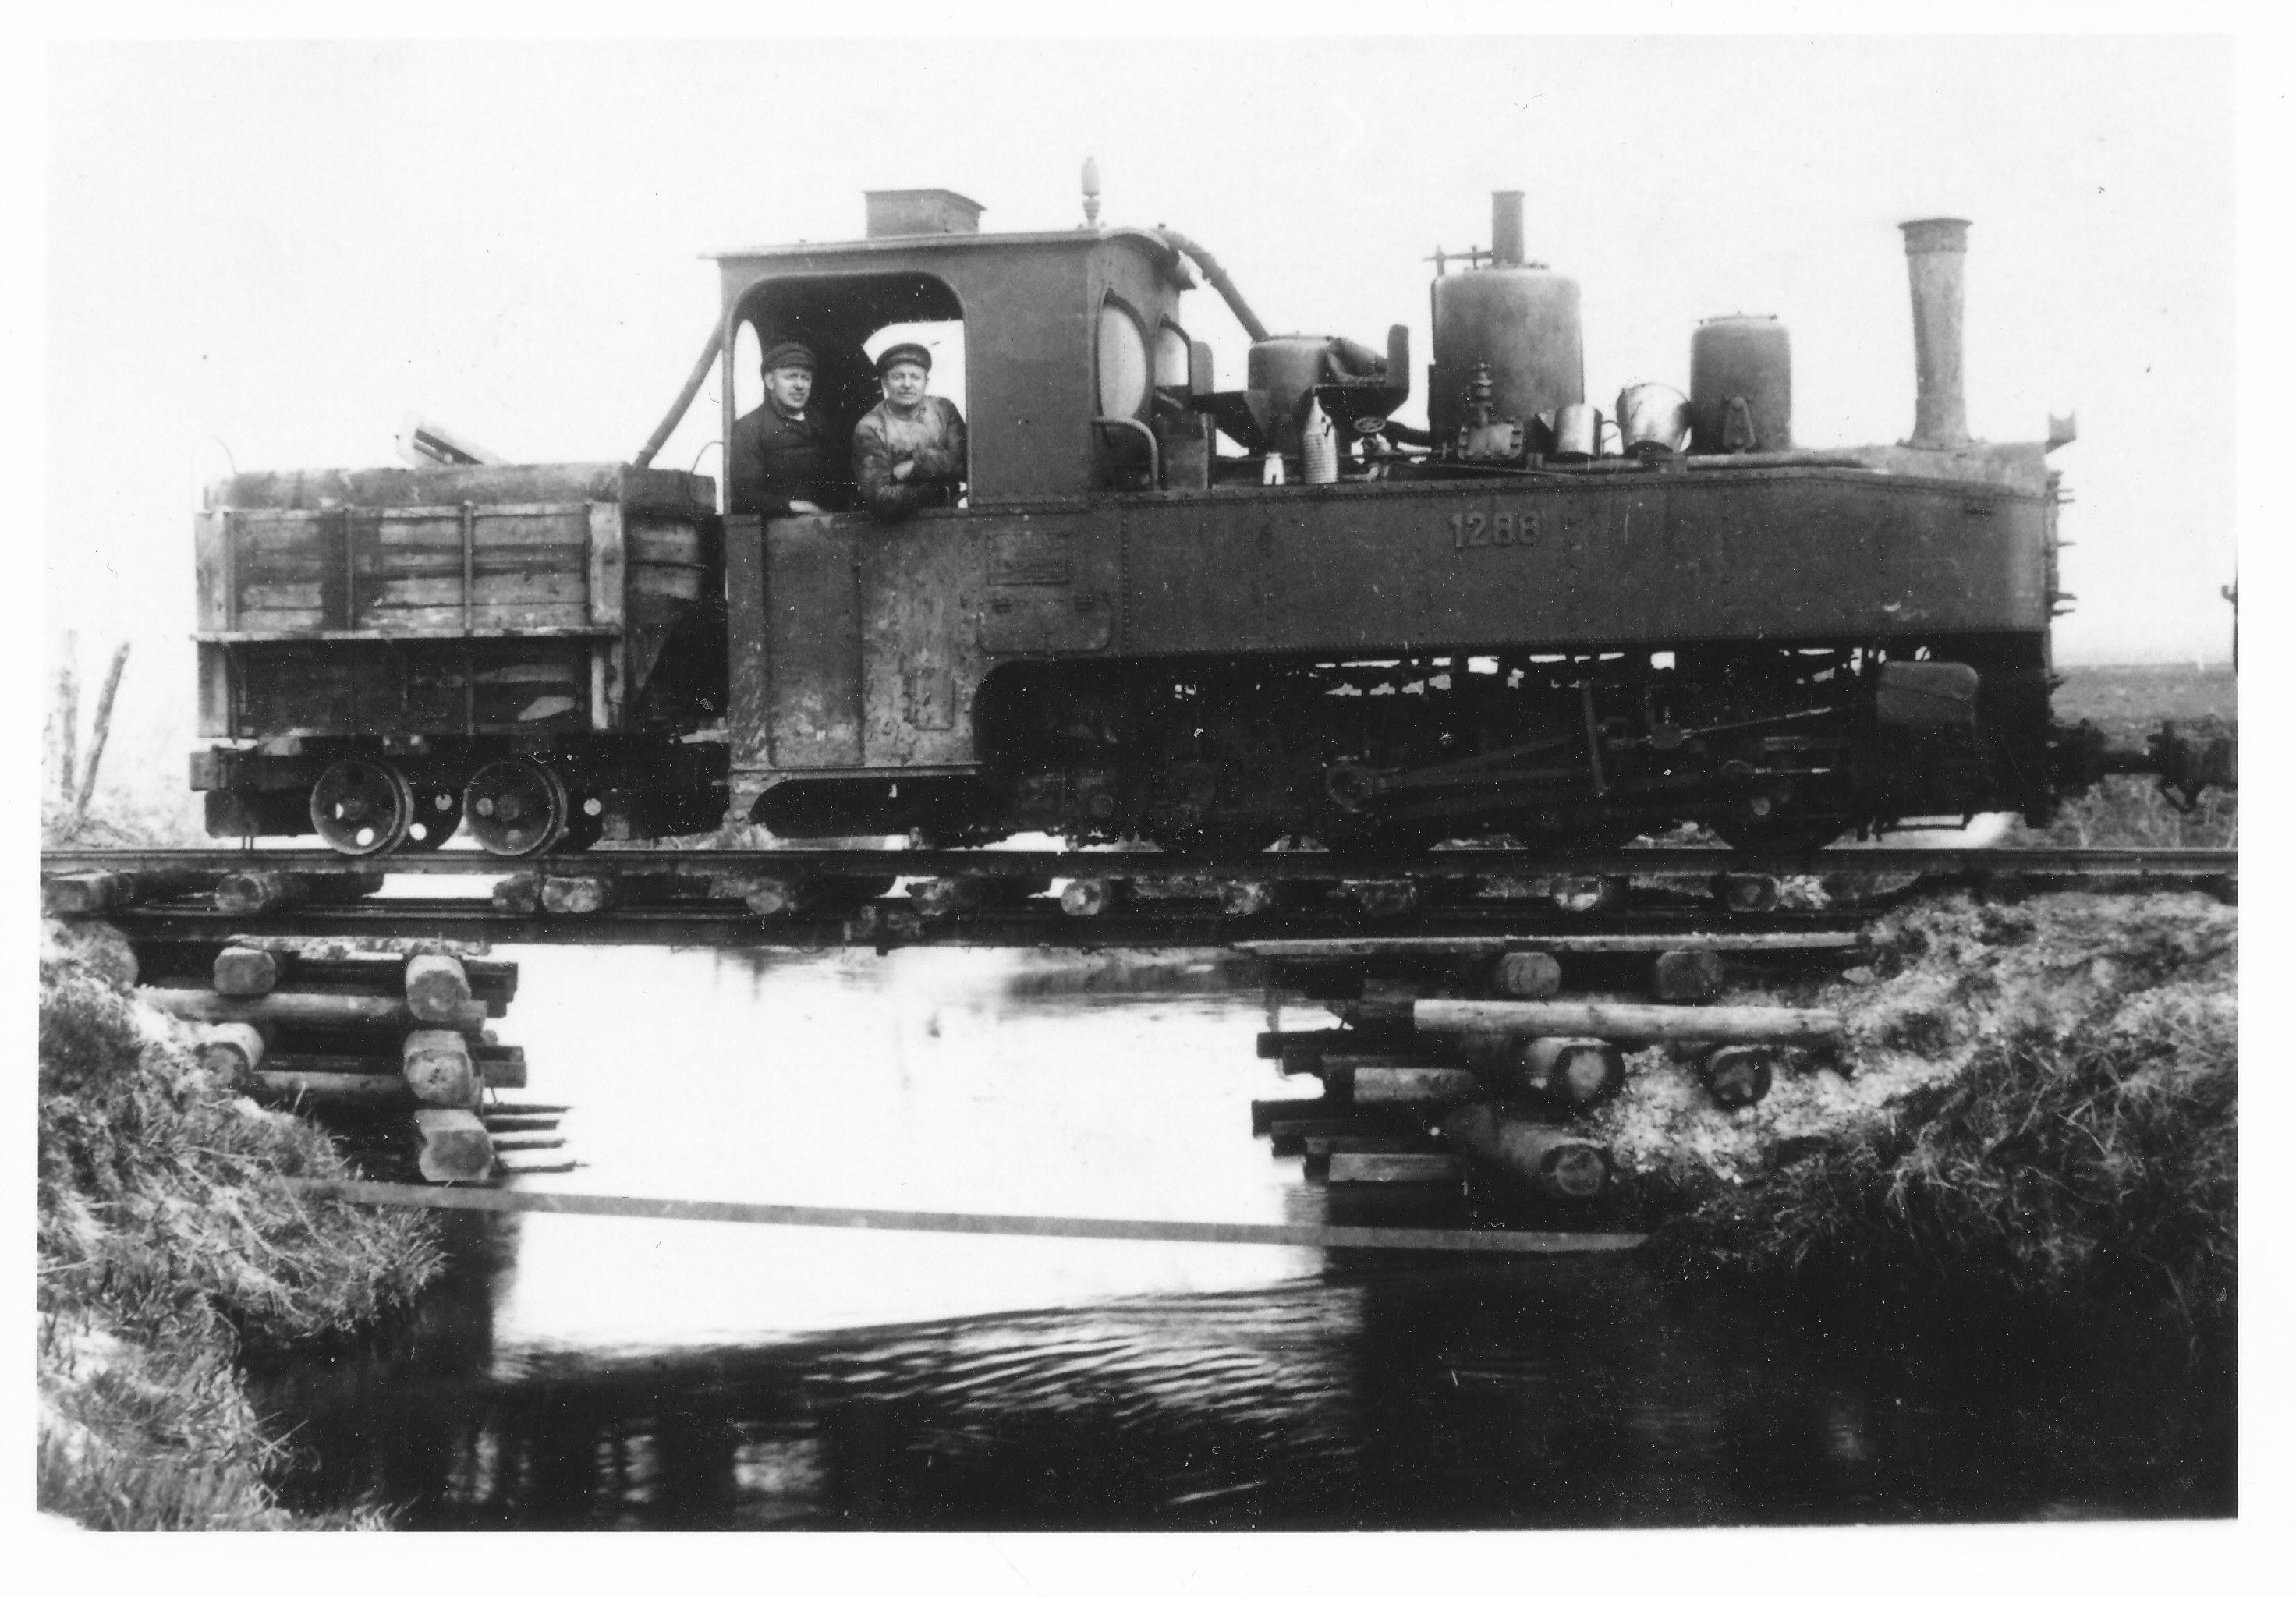 Hvis - som enkelte kilder har oplyst - 600 mm damplokomotiver har været anvendt, kan det have været standardbrigadelokomotivet, dog næppe dette eksemplar, der godt nok efter krigen er købt af mellemhandlere på et demobiliseringslager i Hannover til brug for Vejen - Brørup Mergelselskabs mergelbane fra Københoved mergelleje. Selskabet havde driftstid 1914 - 26, men lokomotivet her, Jung 2555/1917 er fotograferet på broen over Kongeåen 1924. Lokomotivet var HFB 1288. Foto: arkiv HJ.